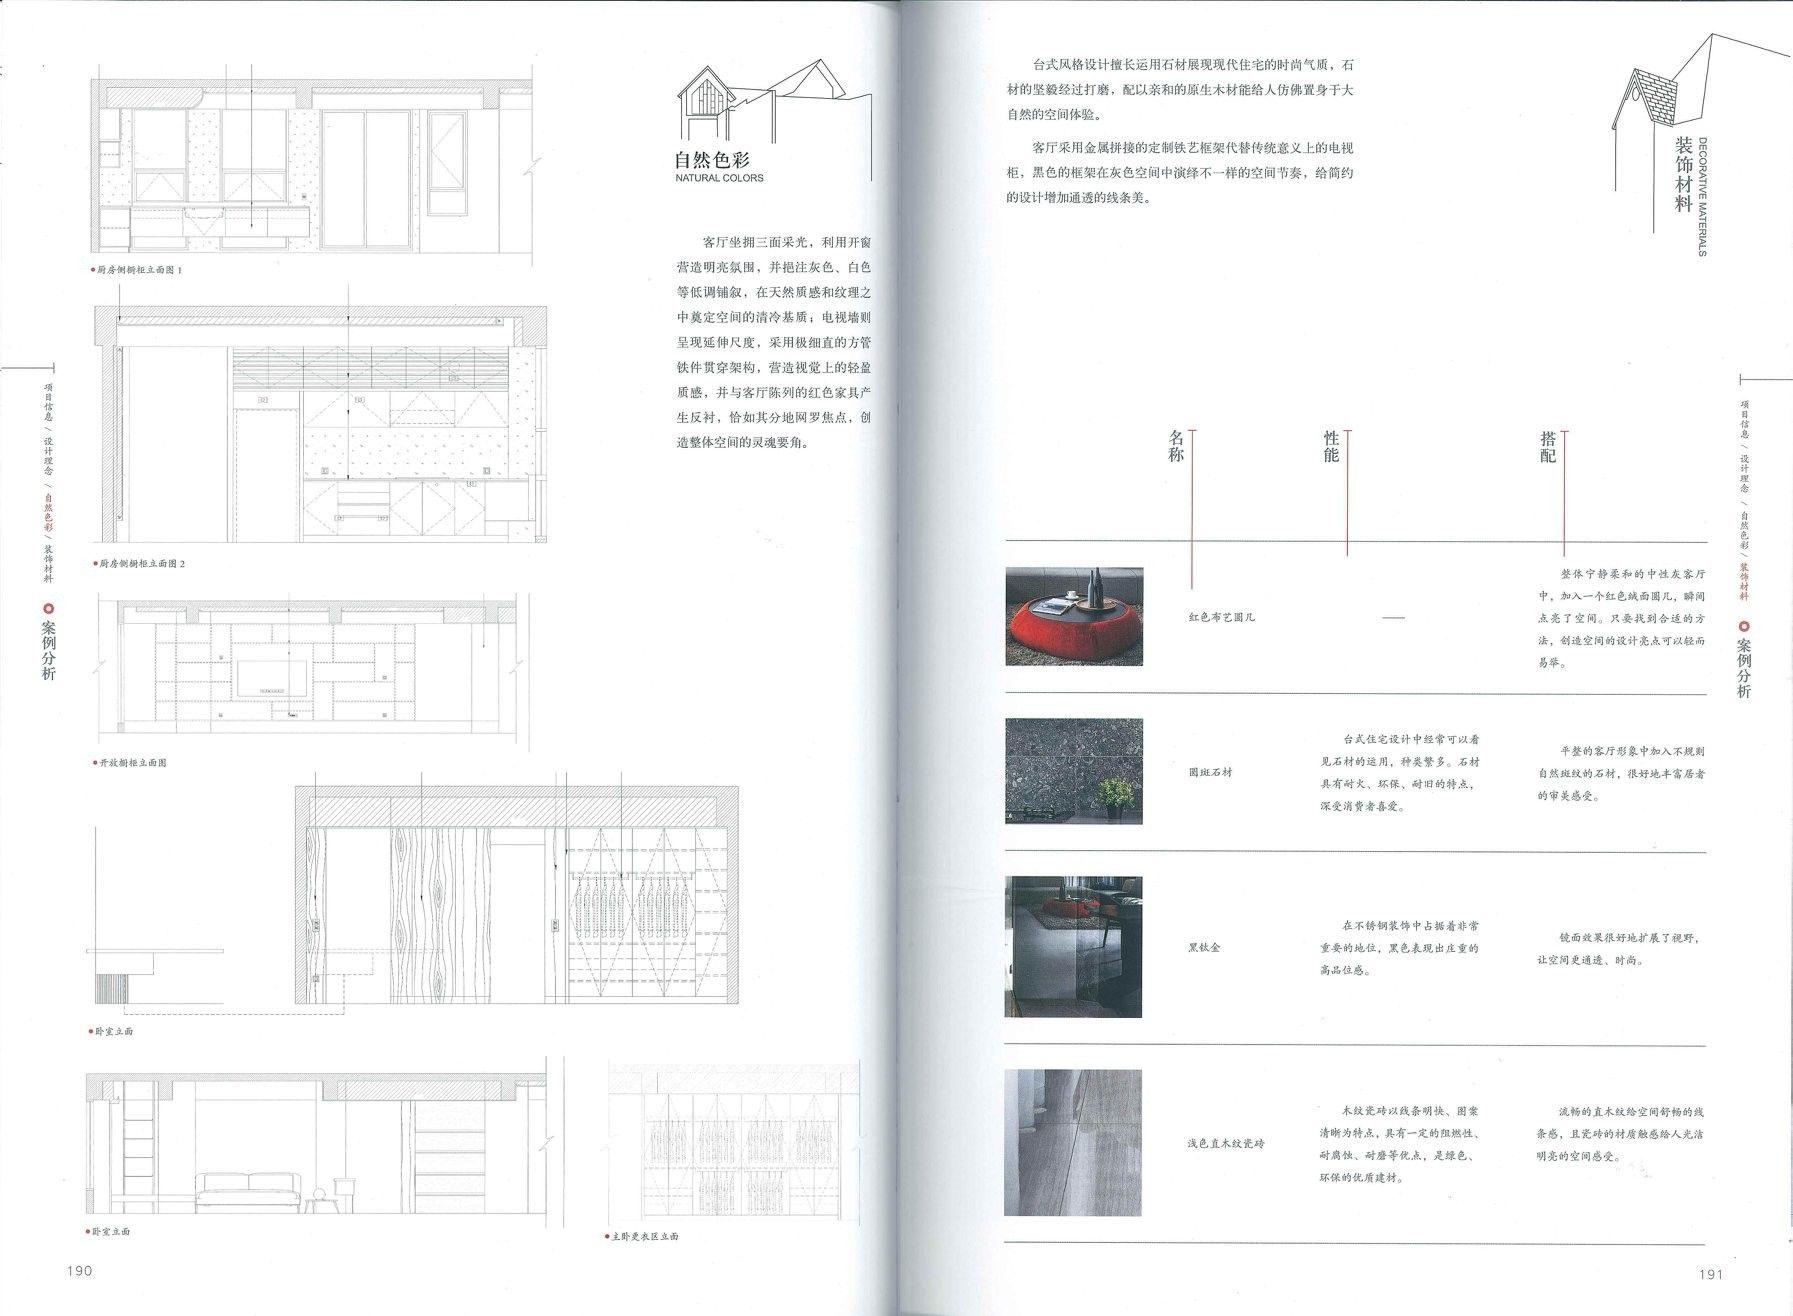 宅在台灣 視界文化出版社書籍報導 台中分子室內設計-moleinterior